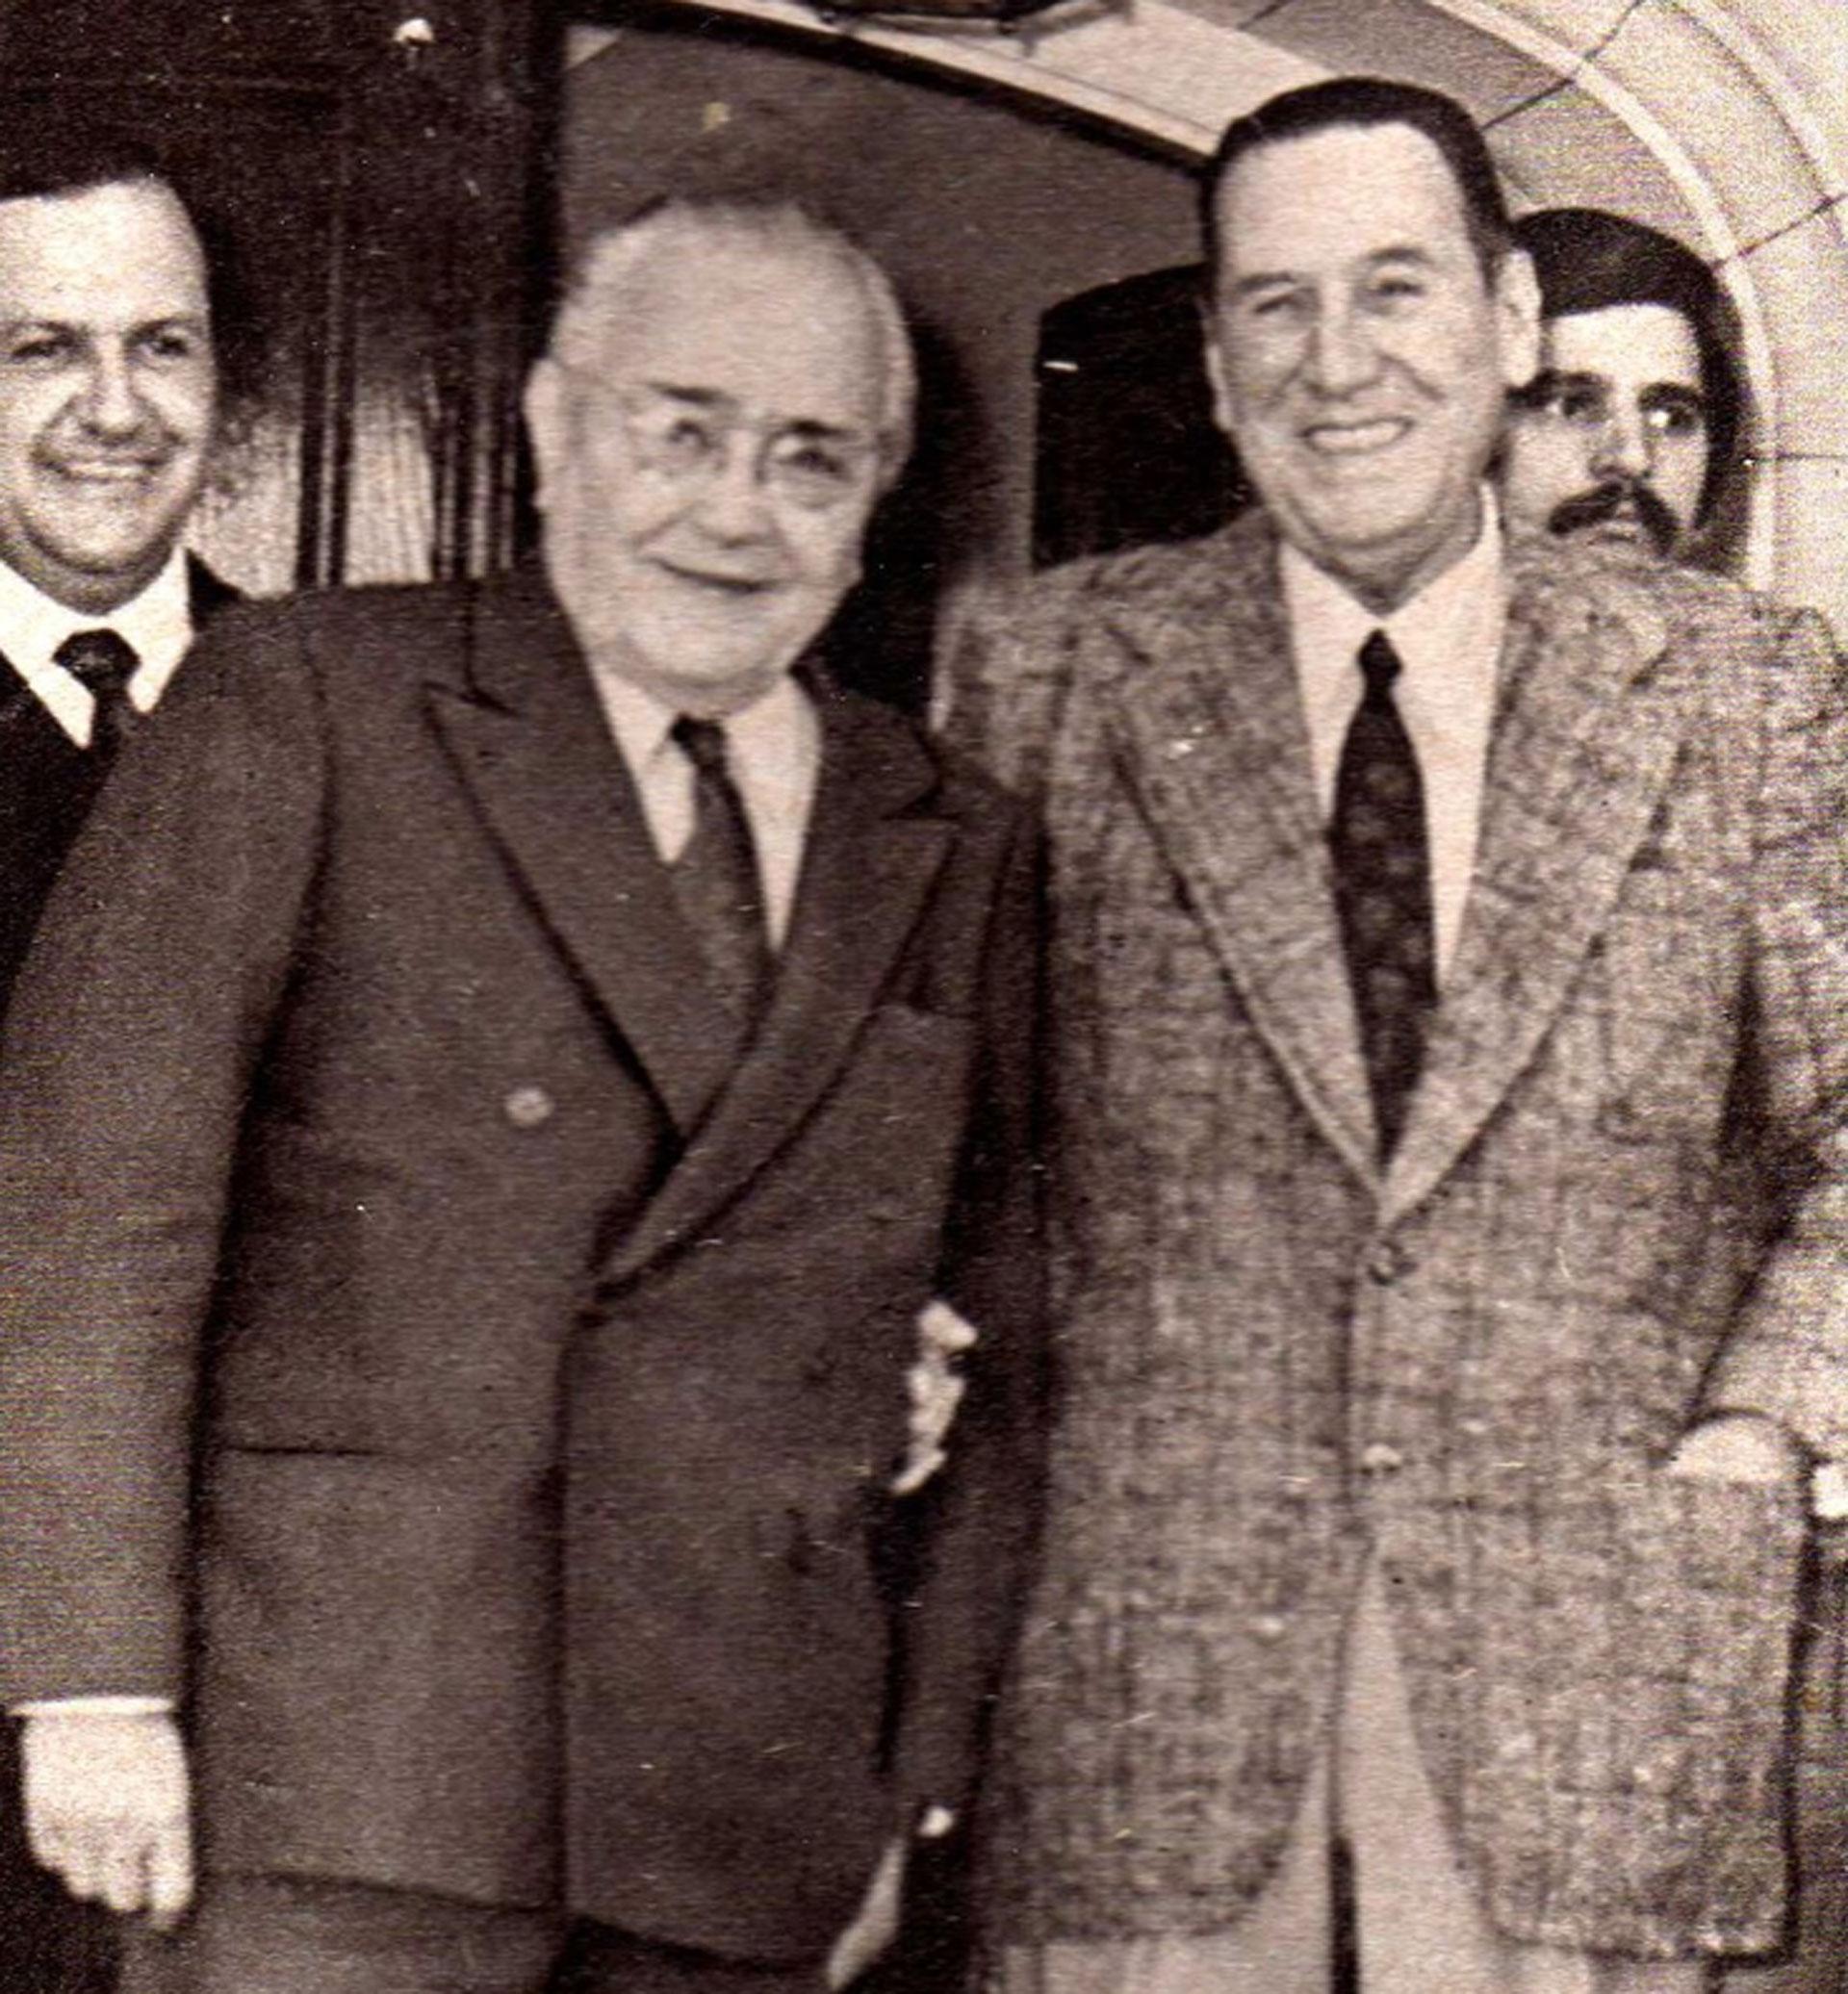 Perón y el encuentro con el líder de la oposición, Ricardo Balbín (UCR) en su intento de consolidar la reconciliación y unidad de los argentinos